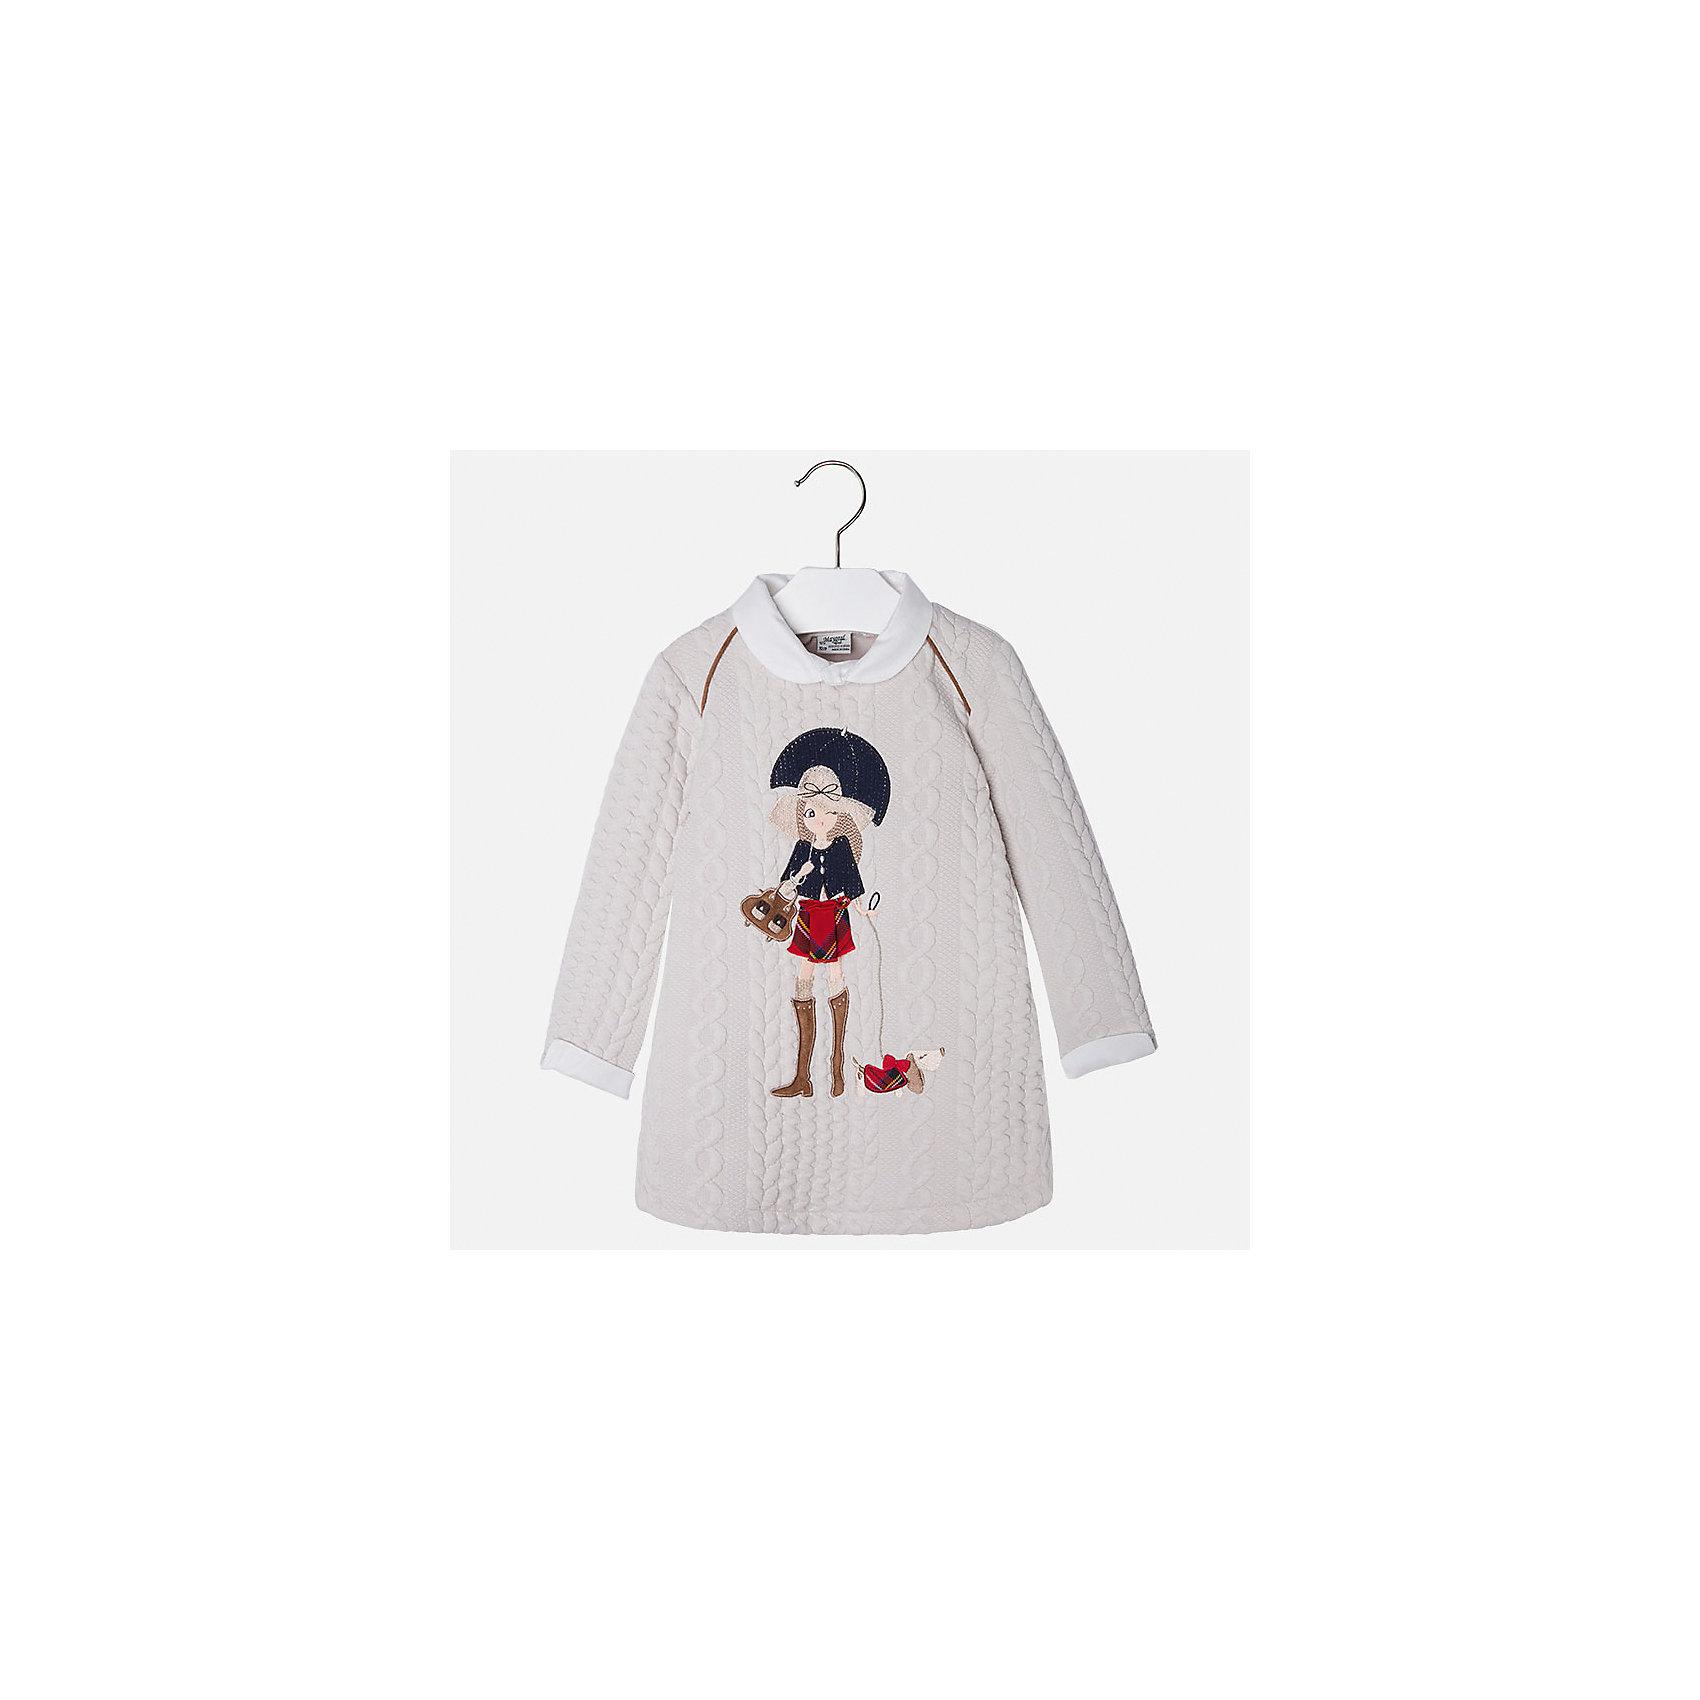 Платье для девочки MayoralПлатья и сарафаны<br>Платье для девочки от популярного испанского бренда Mayoral(Майорал). Платье выполнено из качественных материалов, отлично сохраняющих тепло и приятных телу. Модель украшена крупной аппликацией спереди. Стильное  платье с белыми манжетами, воротничком и яркой аппликацией для юных элегантных леди.<br>Дополнительная информация:<br>-длинные рукава<br>-украшено аппликацией<br>-цвет: молочный<br>-состав: 85% полиэстер, 14% вискоза, 1% эластан<br>Платье Mayoral(Майорал) вы можете купить в нашем интернет-магазине.<br><br>Ширина мм: 236<br>Глубина мм: 16<br>Высота мм: 184<br>Вес г: 177<br>Цвет: бежевый<br>Возраст от месяцев: 60<br>Возраст до месяцев: 72<br>Пол: Женский<br>Возраст: Детский<br>Размер: 116,104,98,134,128,122,110<br>SKU: 4844555